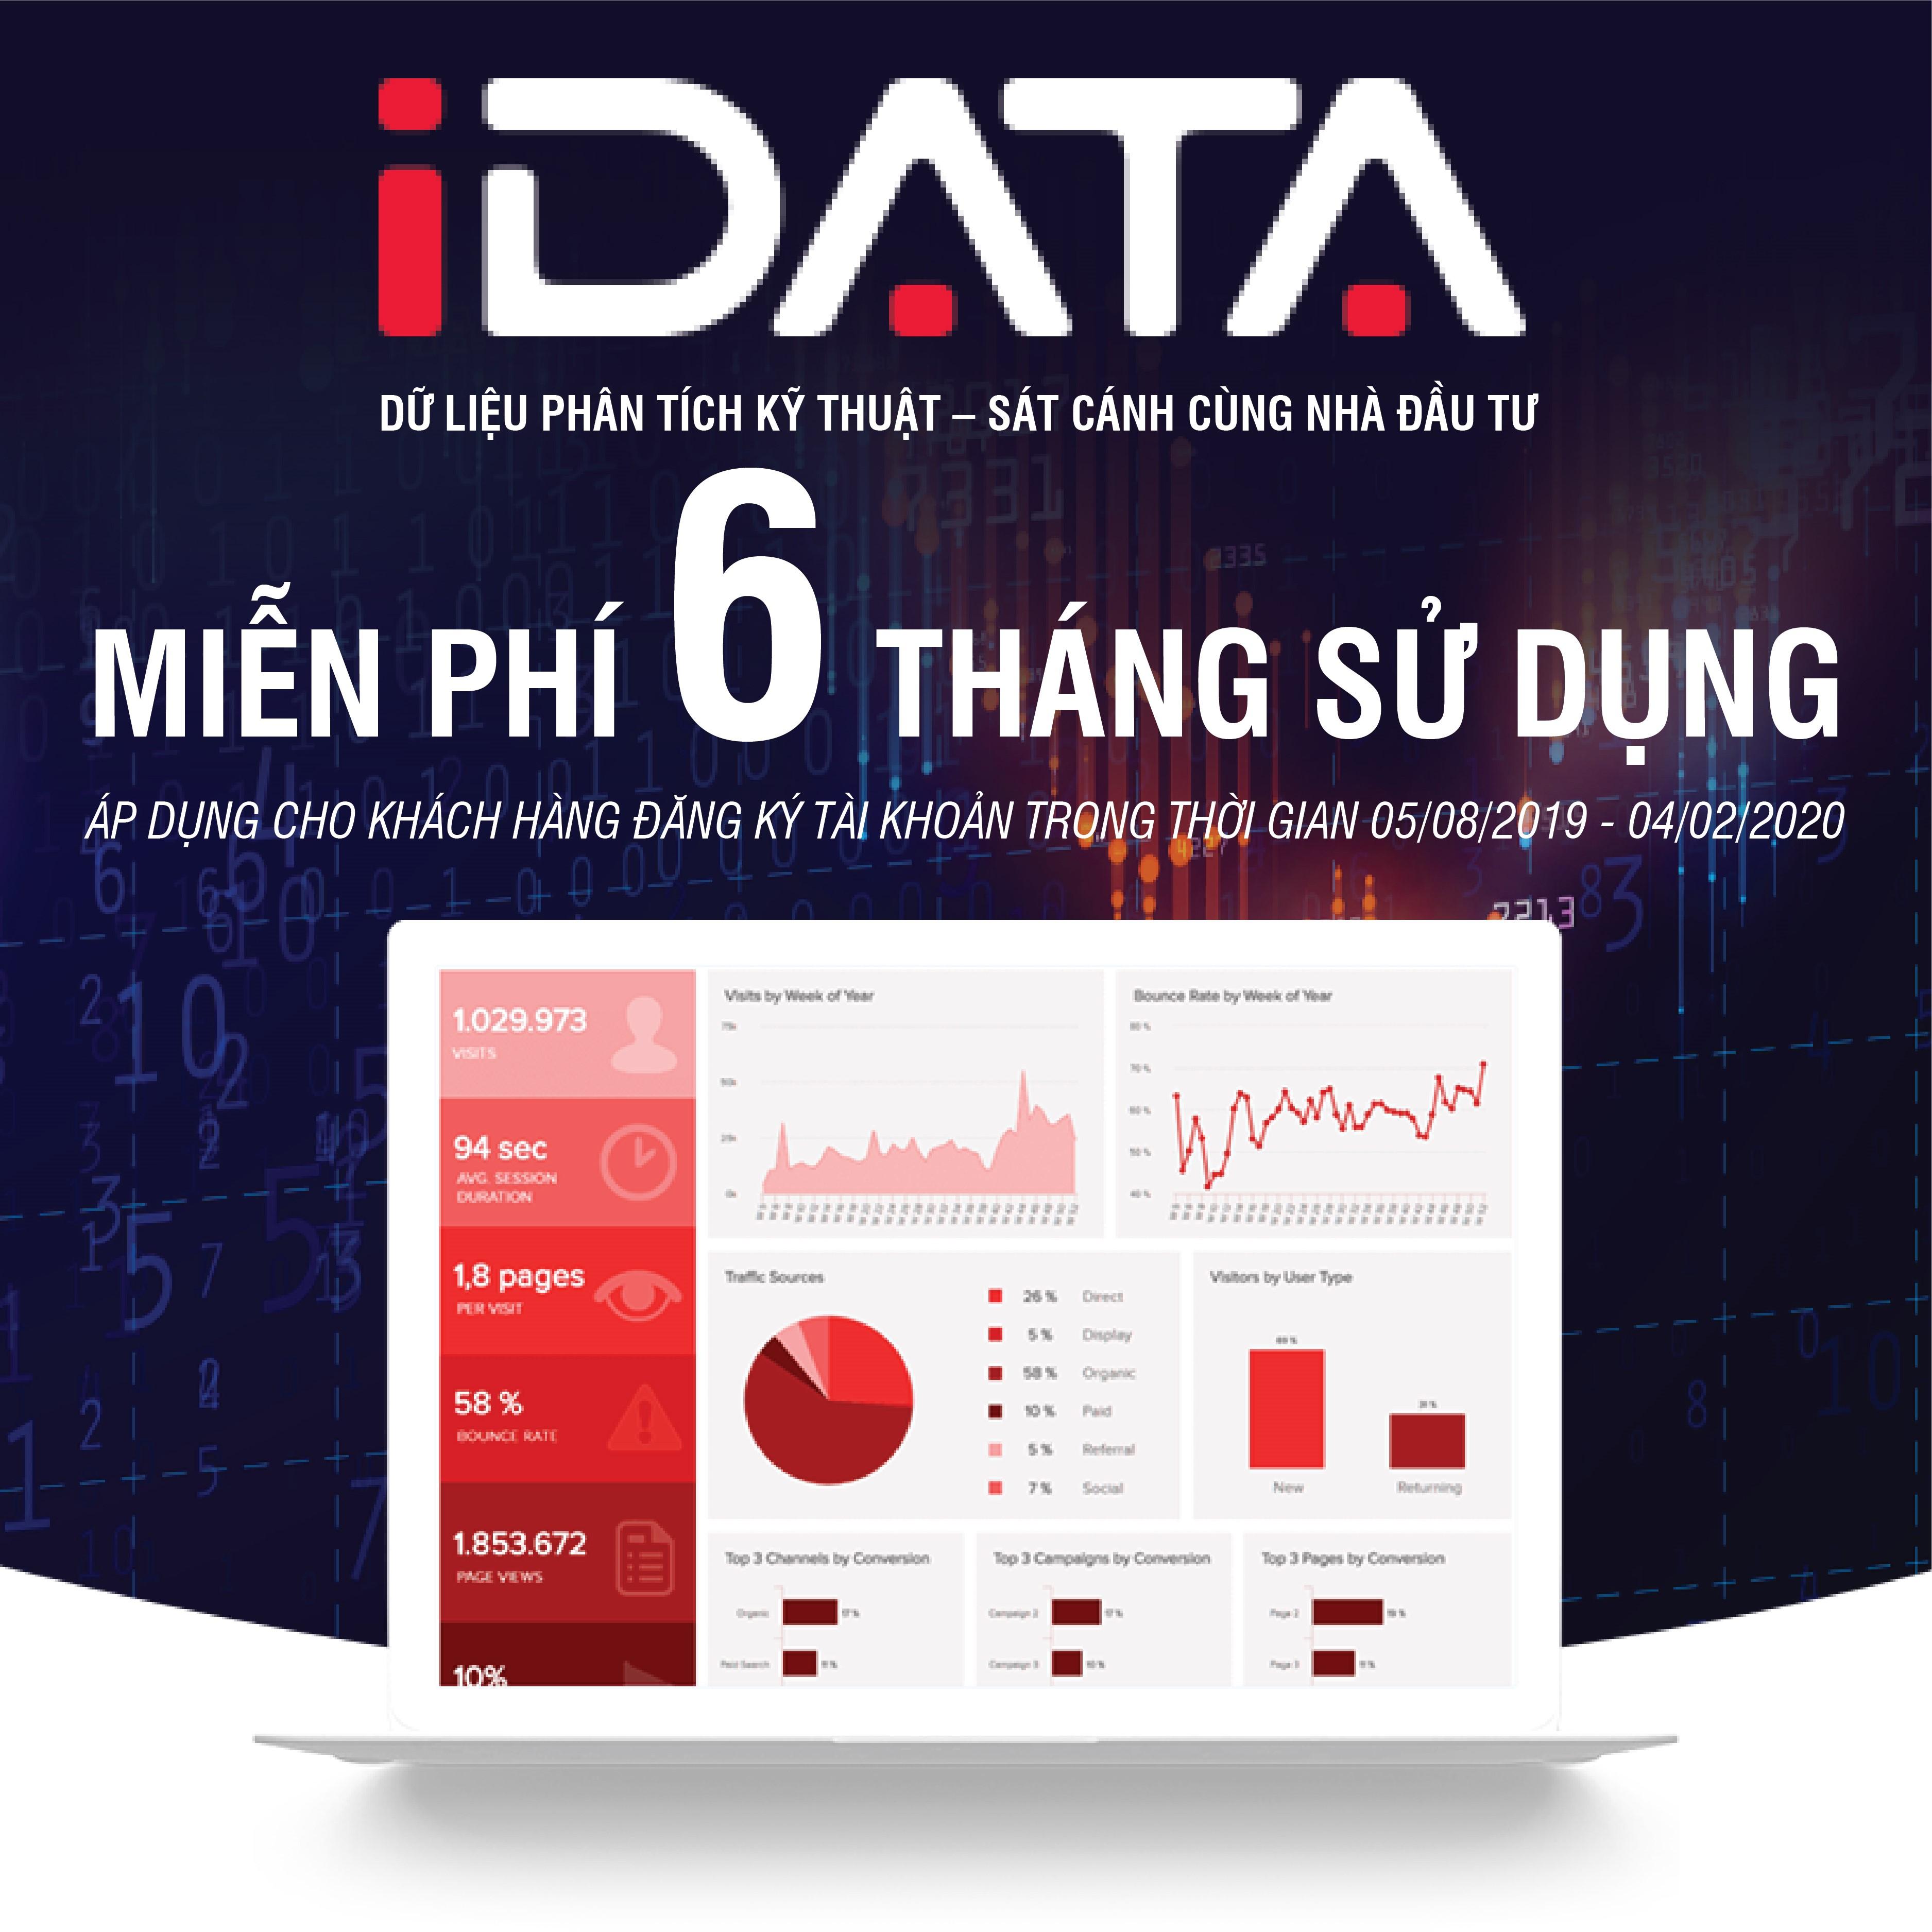 SSI miễn phí 6 tháng sử dụng Dữ liệu phân tích kỹ thuật iData